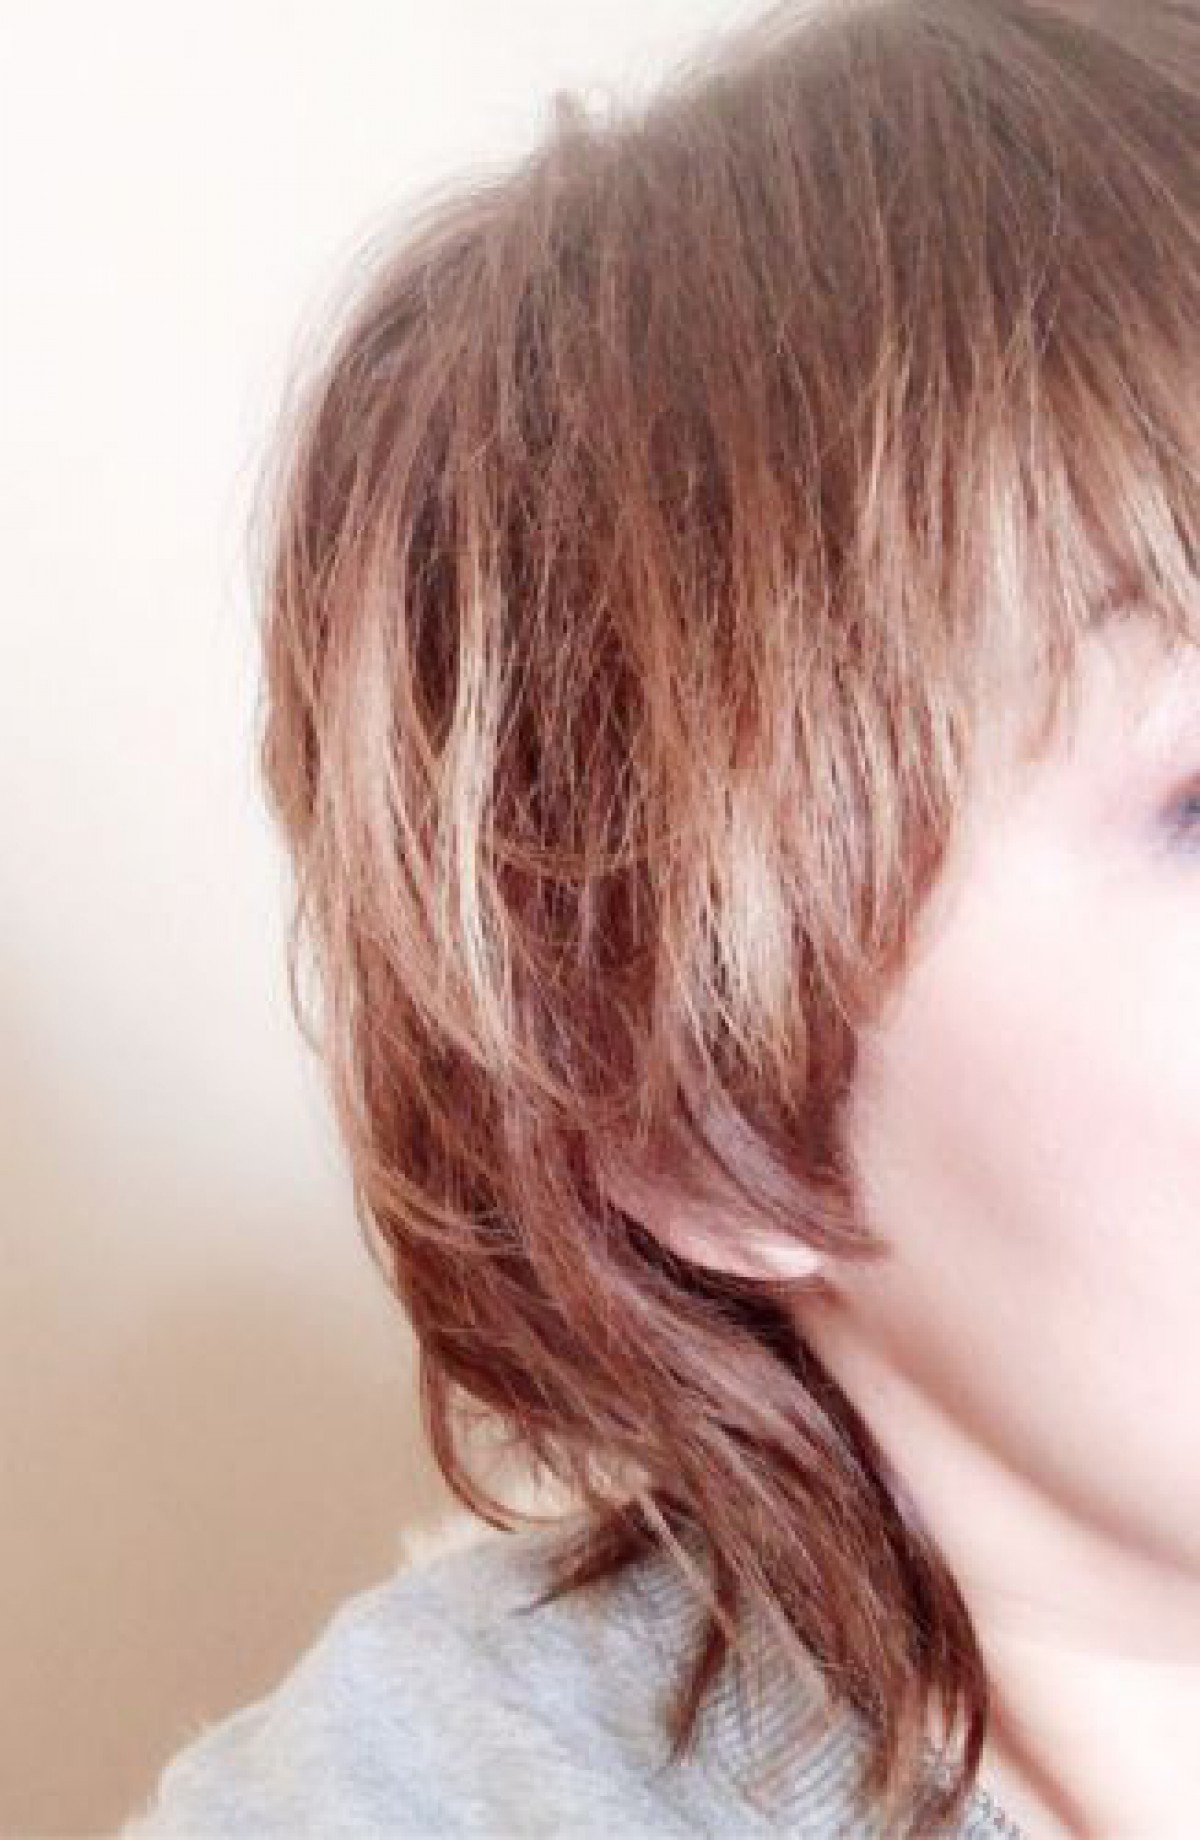 髪・肌・リップ・ネイルなど全身に潤いを与え保湿ケアできるマルチなアイテム